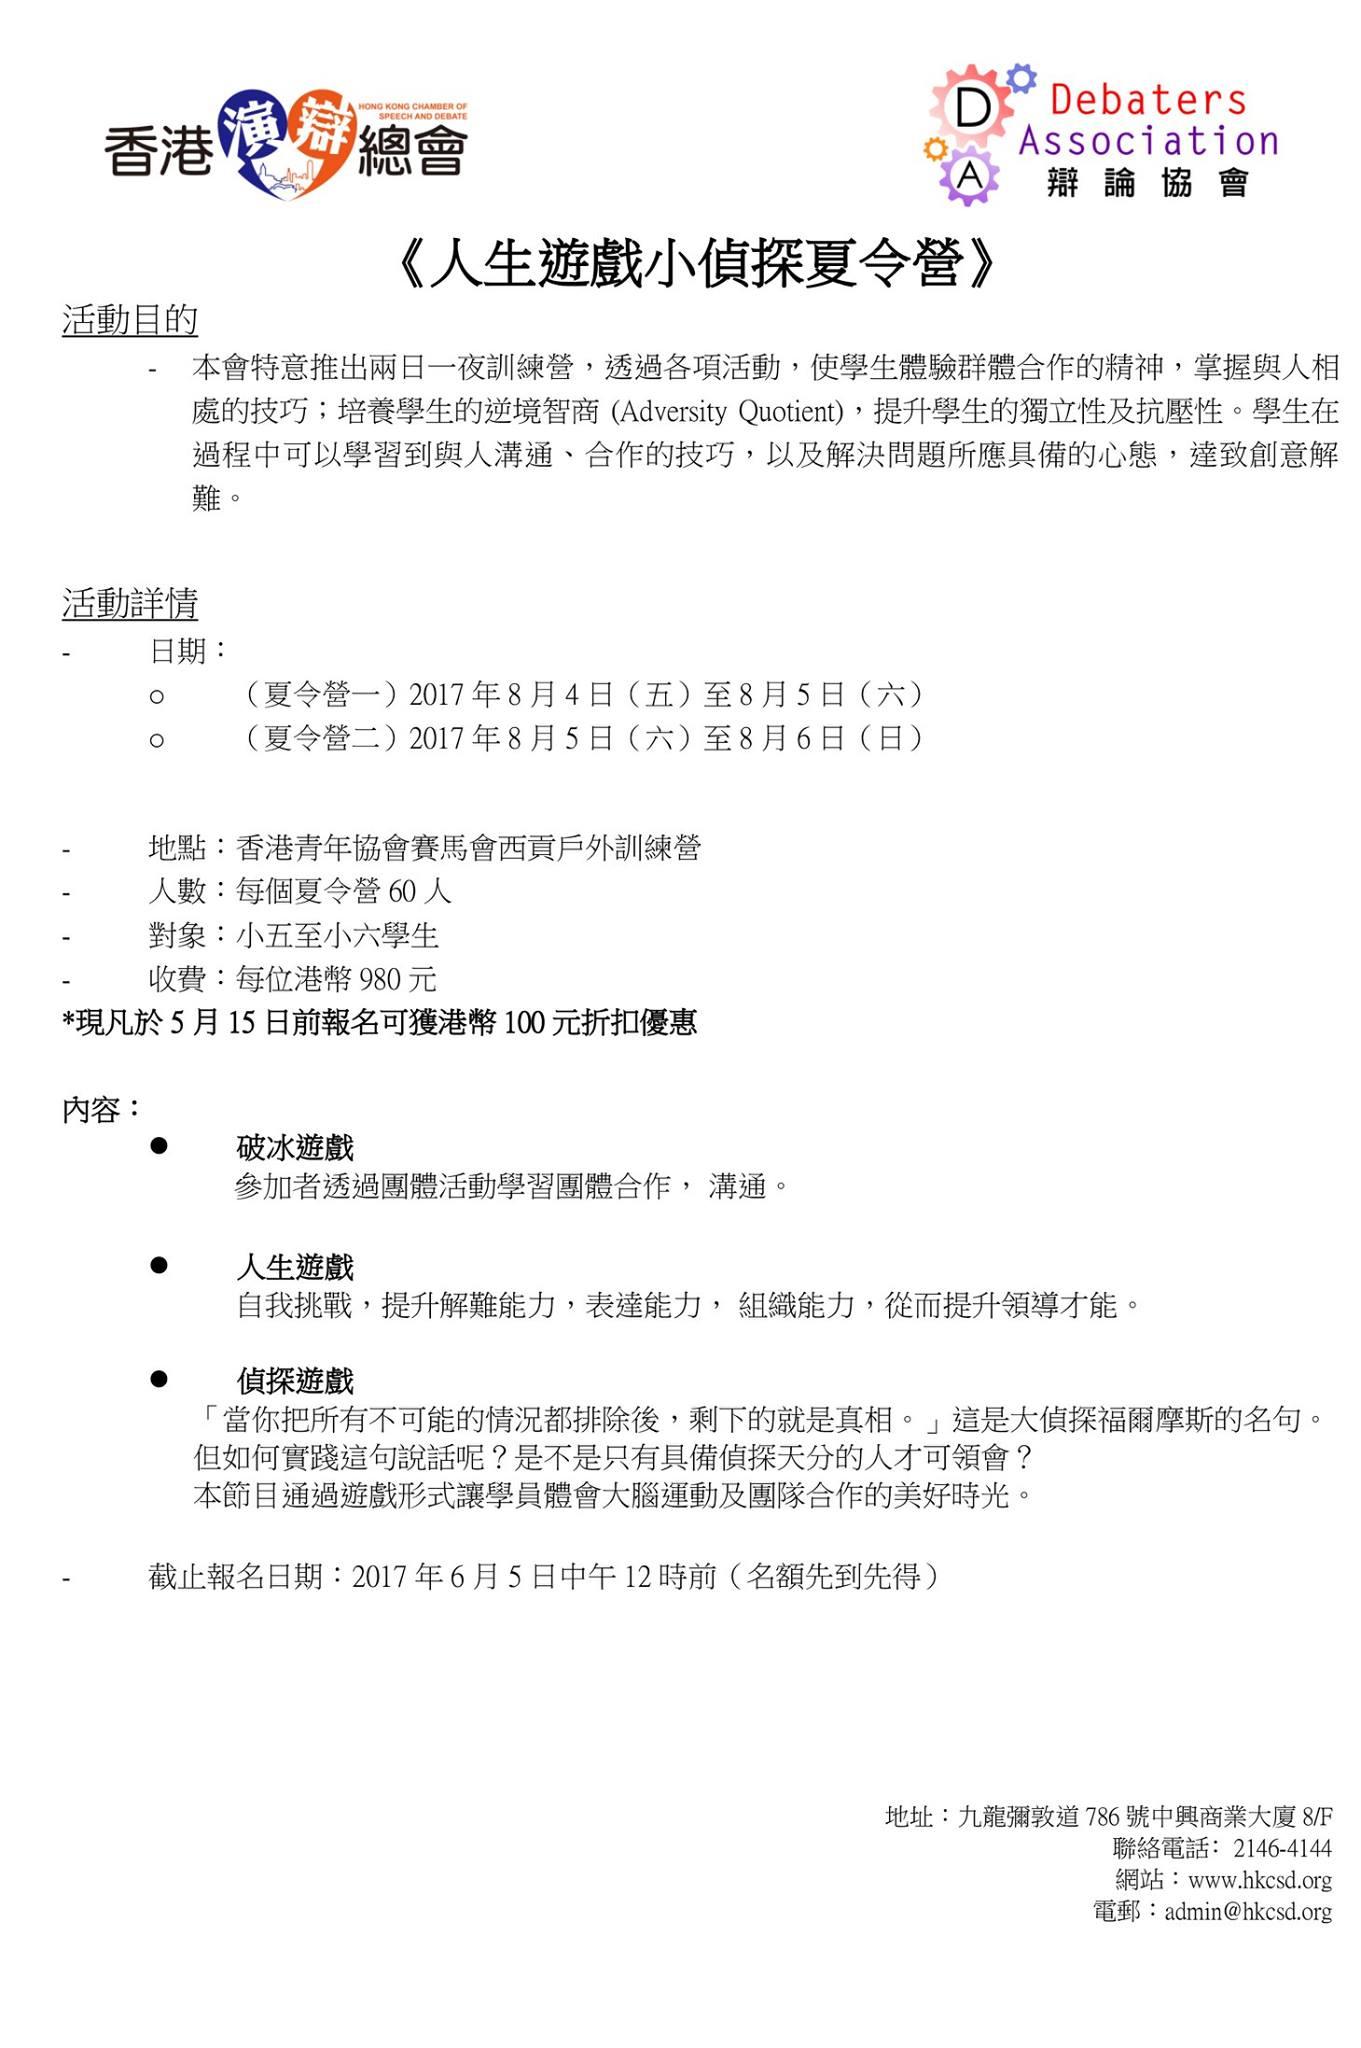 <無線電野外定向> 活動2018(小學組/中學組適用)